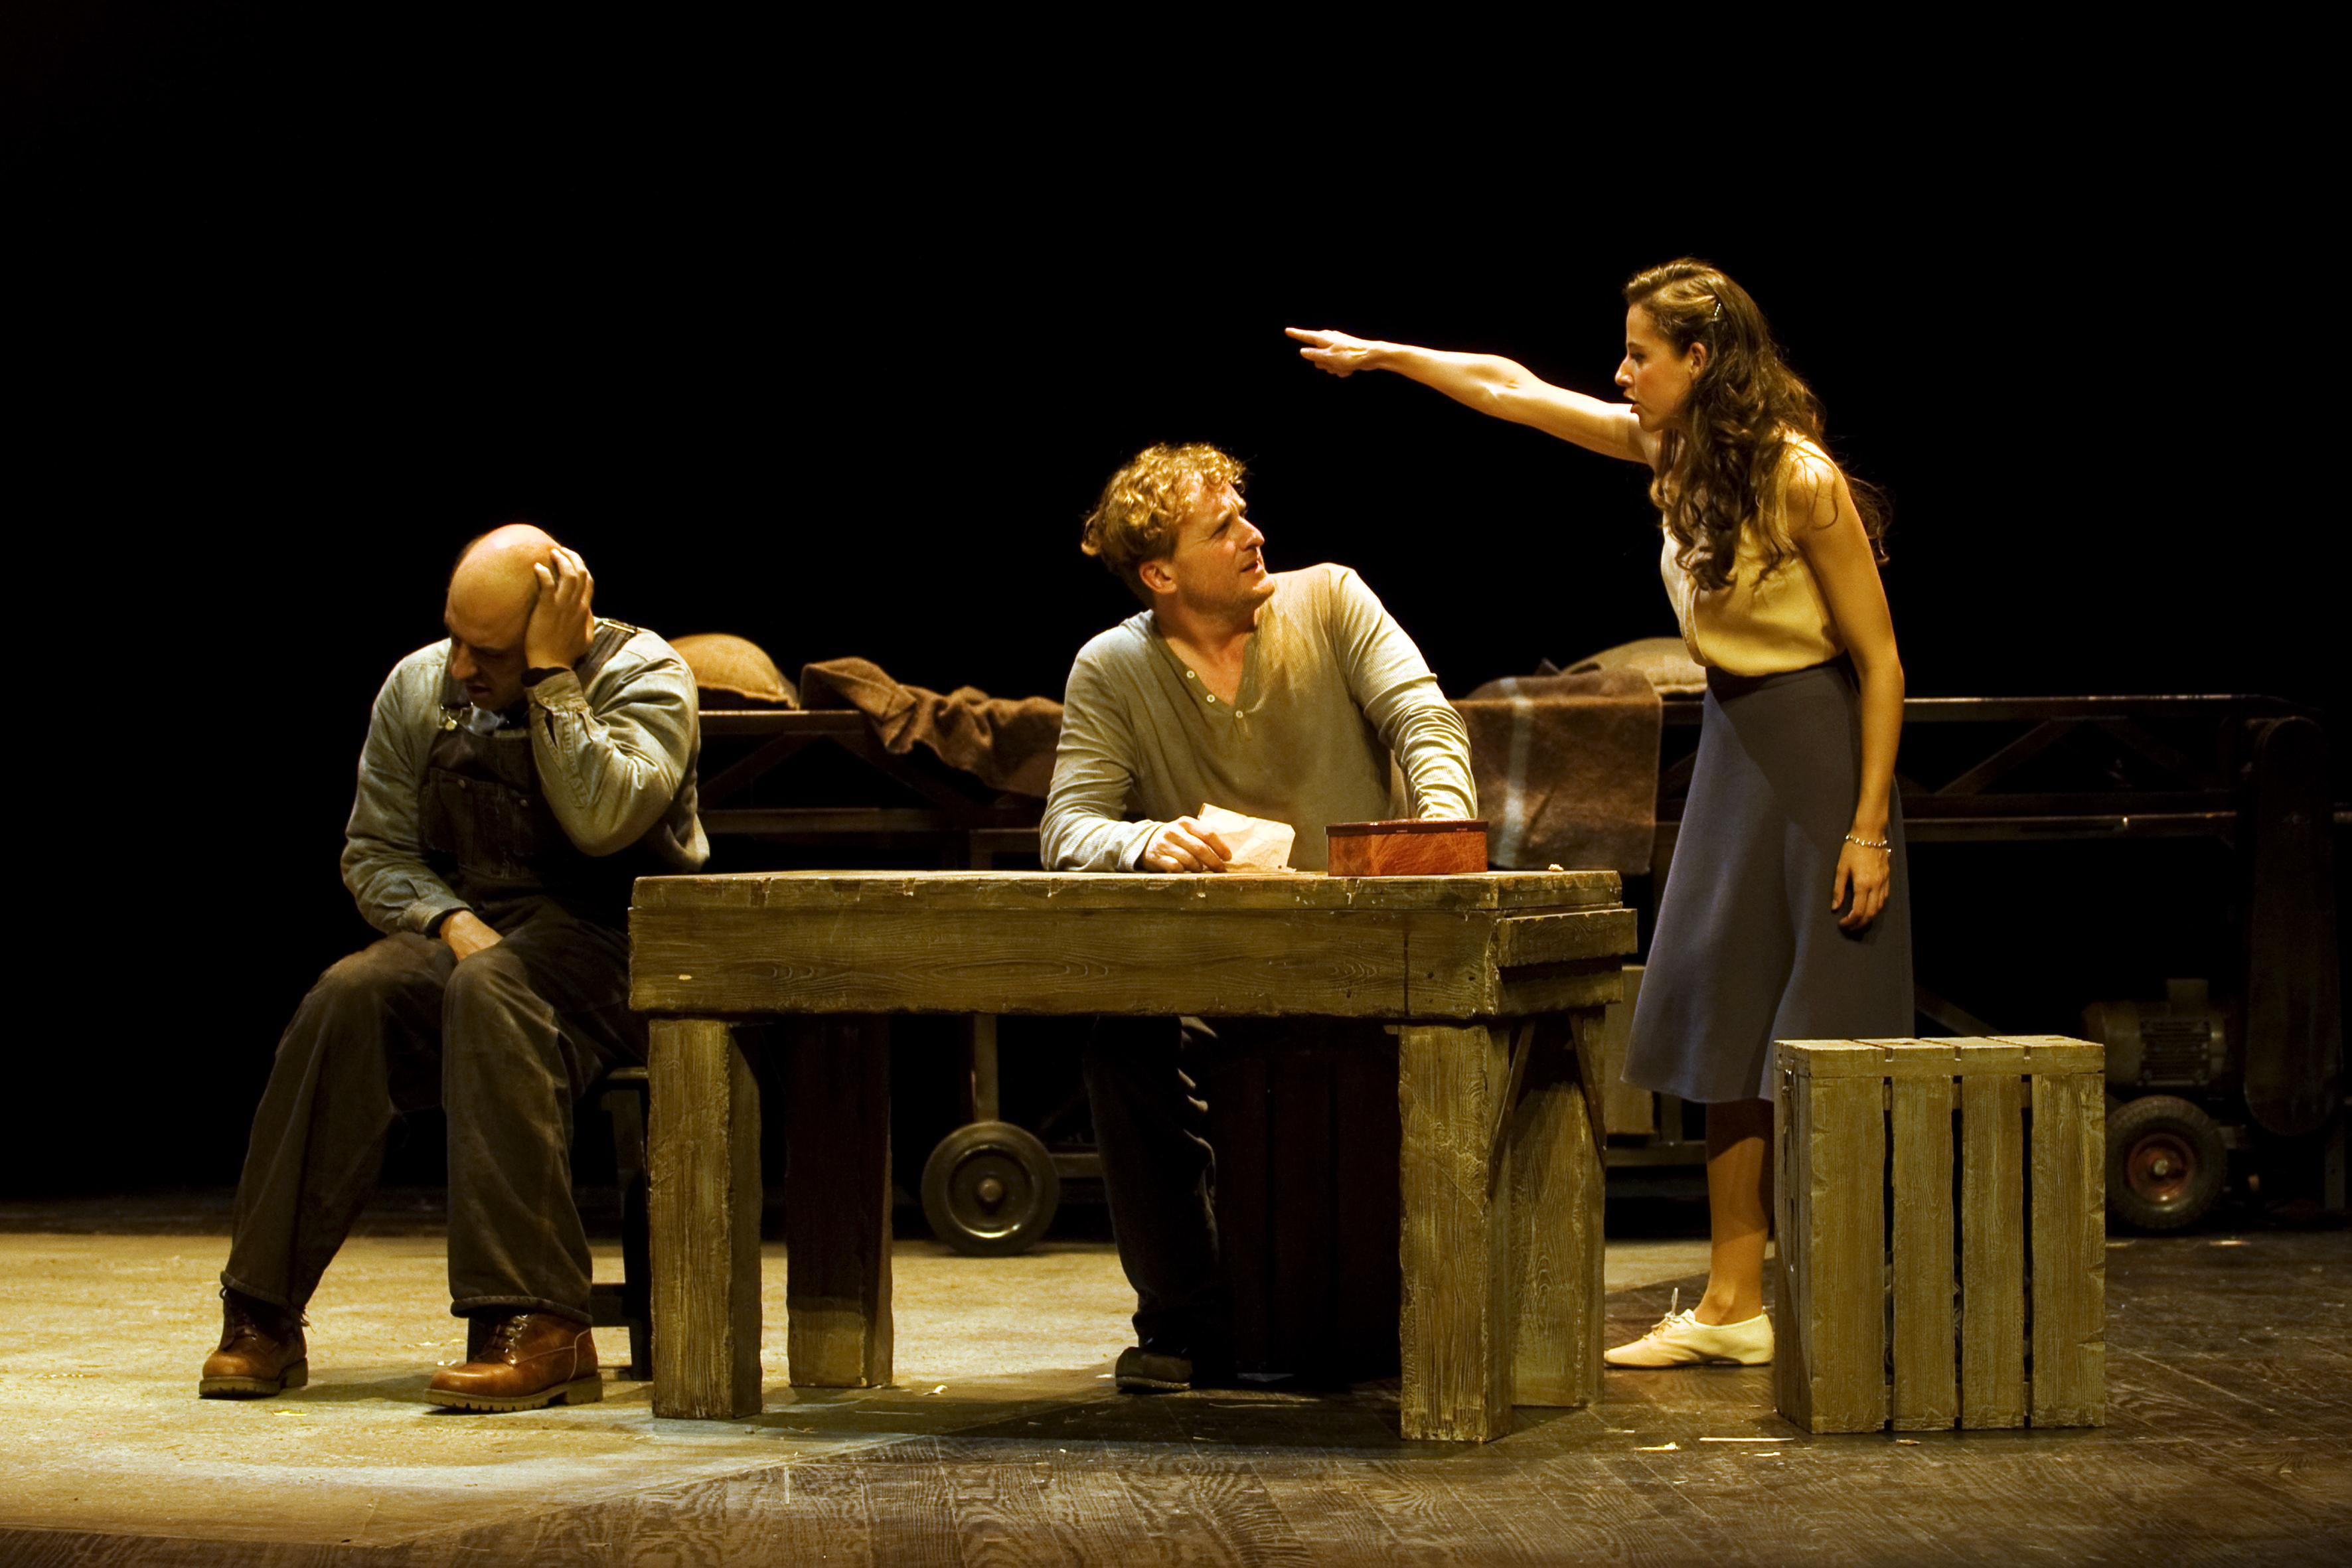 Teatrera blog de teatro en madrid y otros espect culos for La cocina obra de teatro